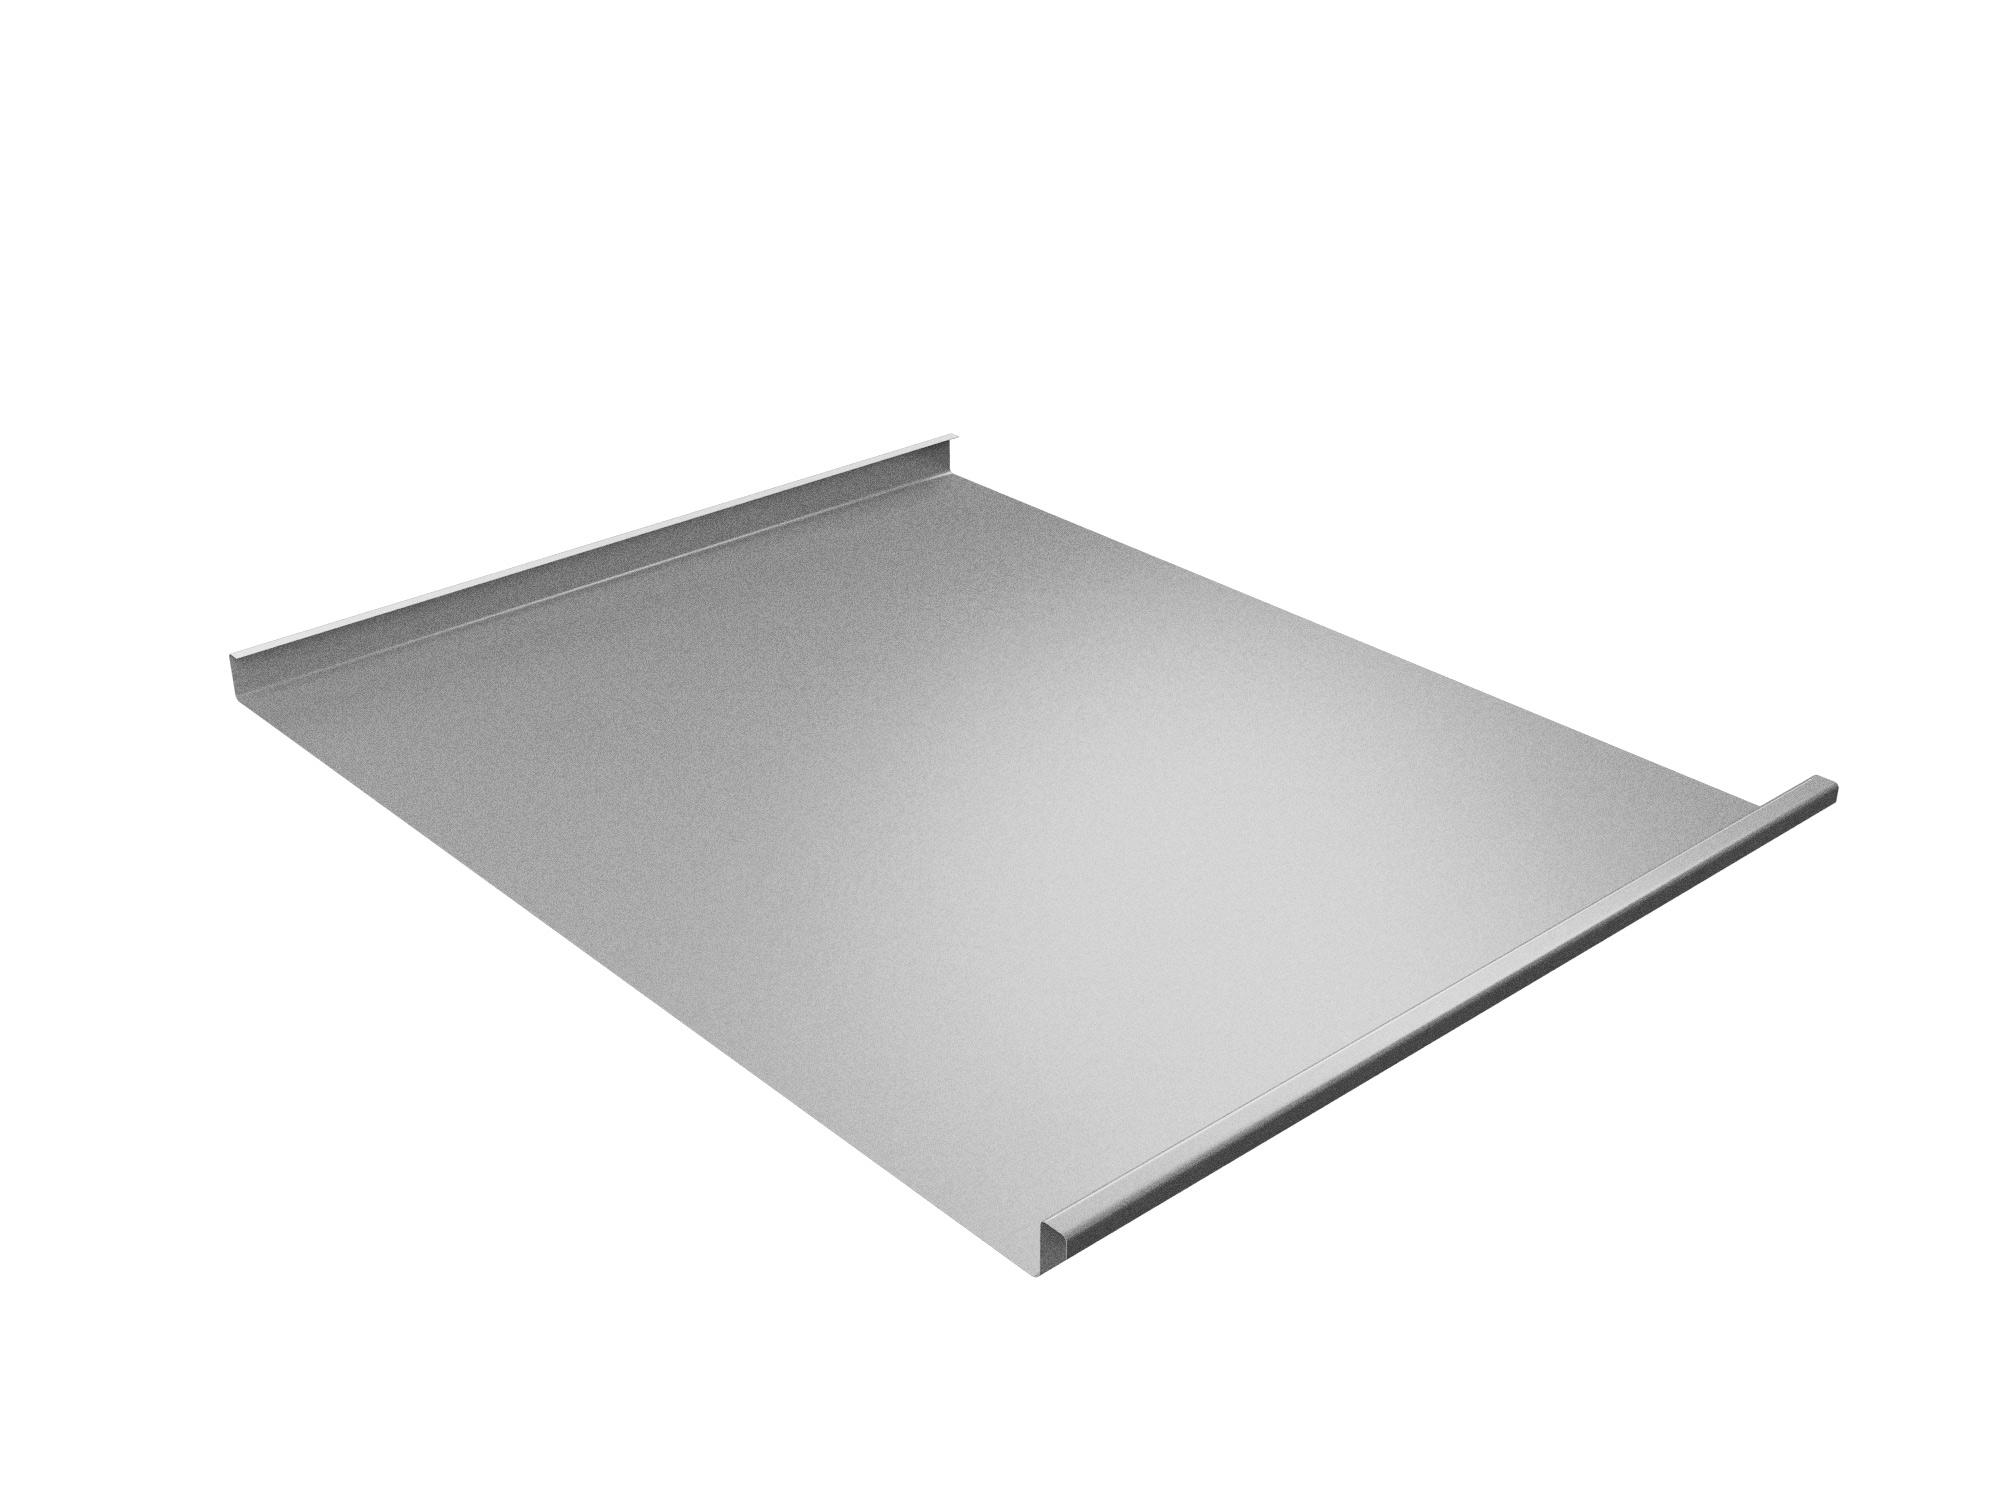 Панель двойной стоячий фальц 0,5 мм, Zn